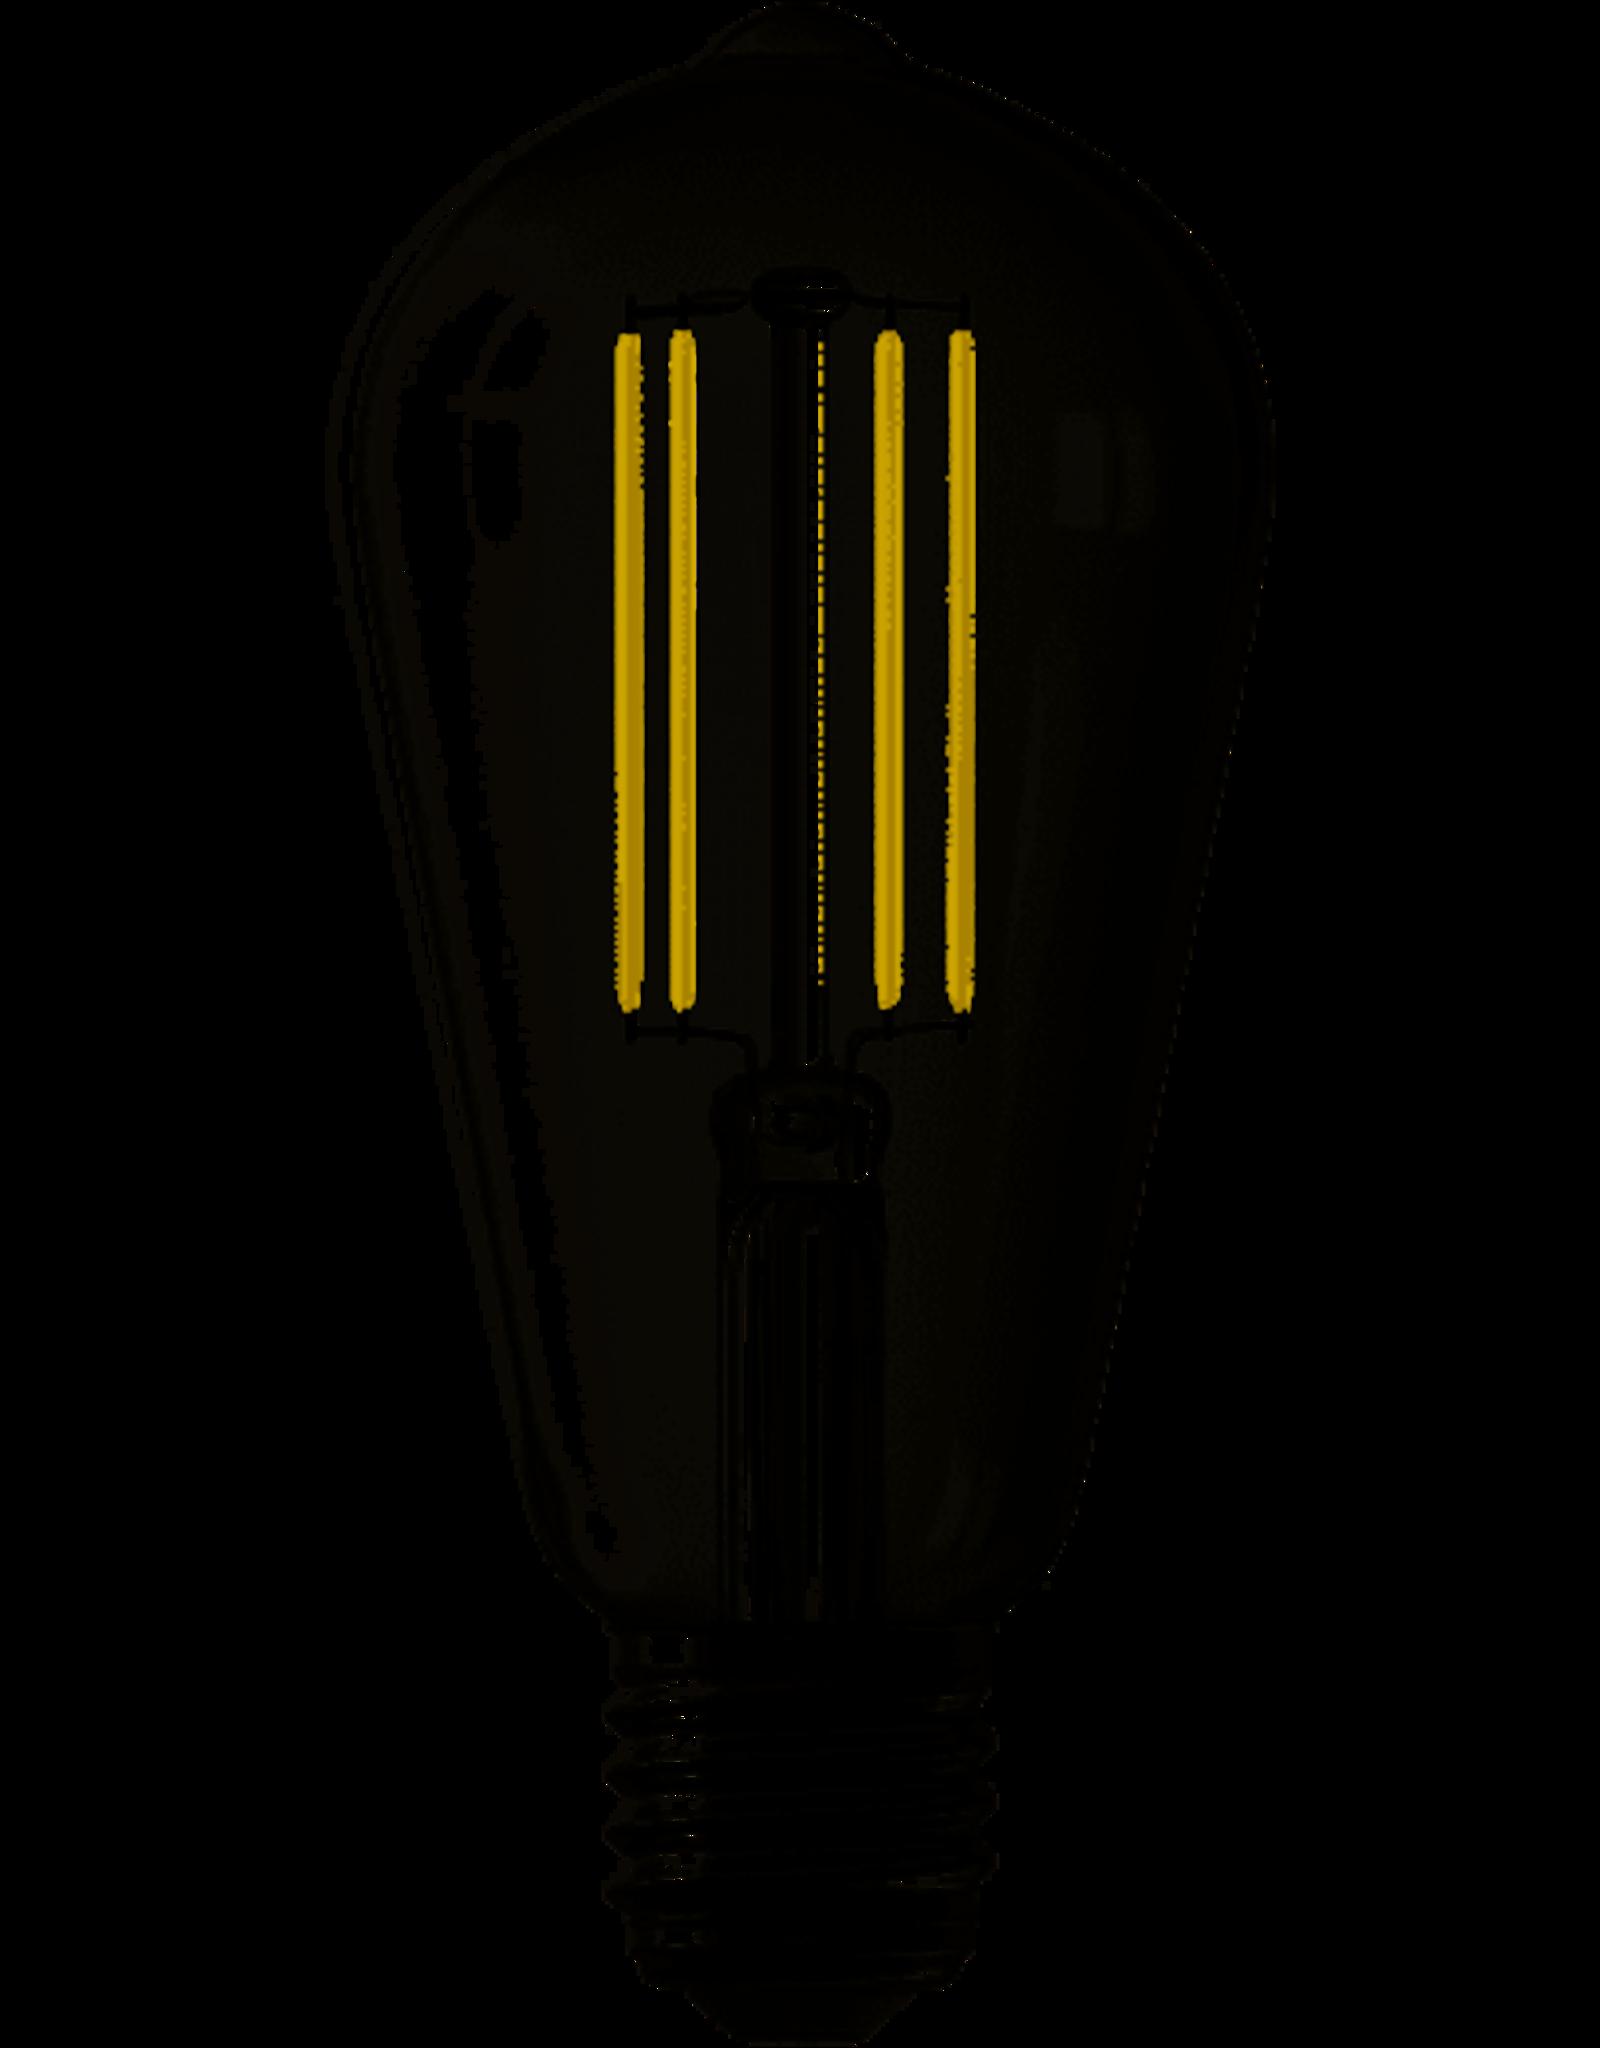 Calex Calex Smart LED Filament Helder Rustieklamp ST64 E27 220-240V 7W 806lm 1800-3000K